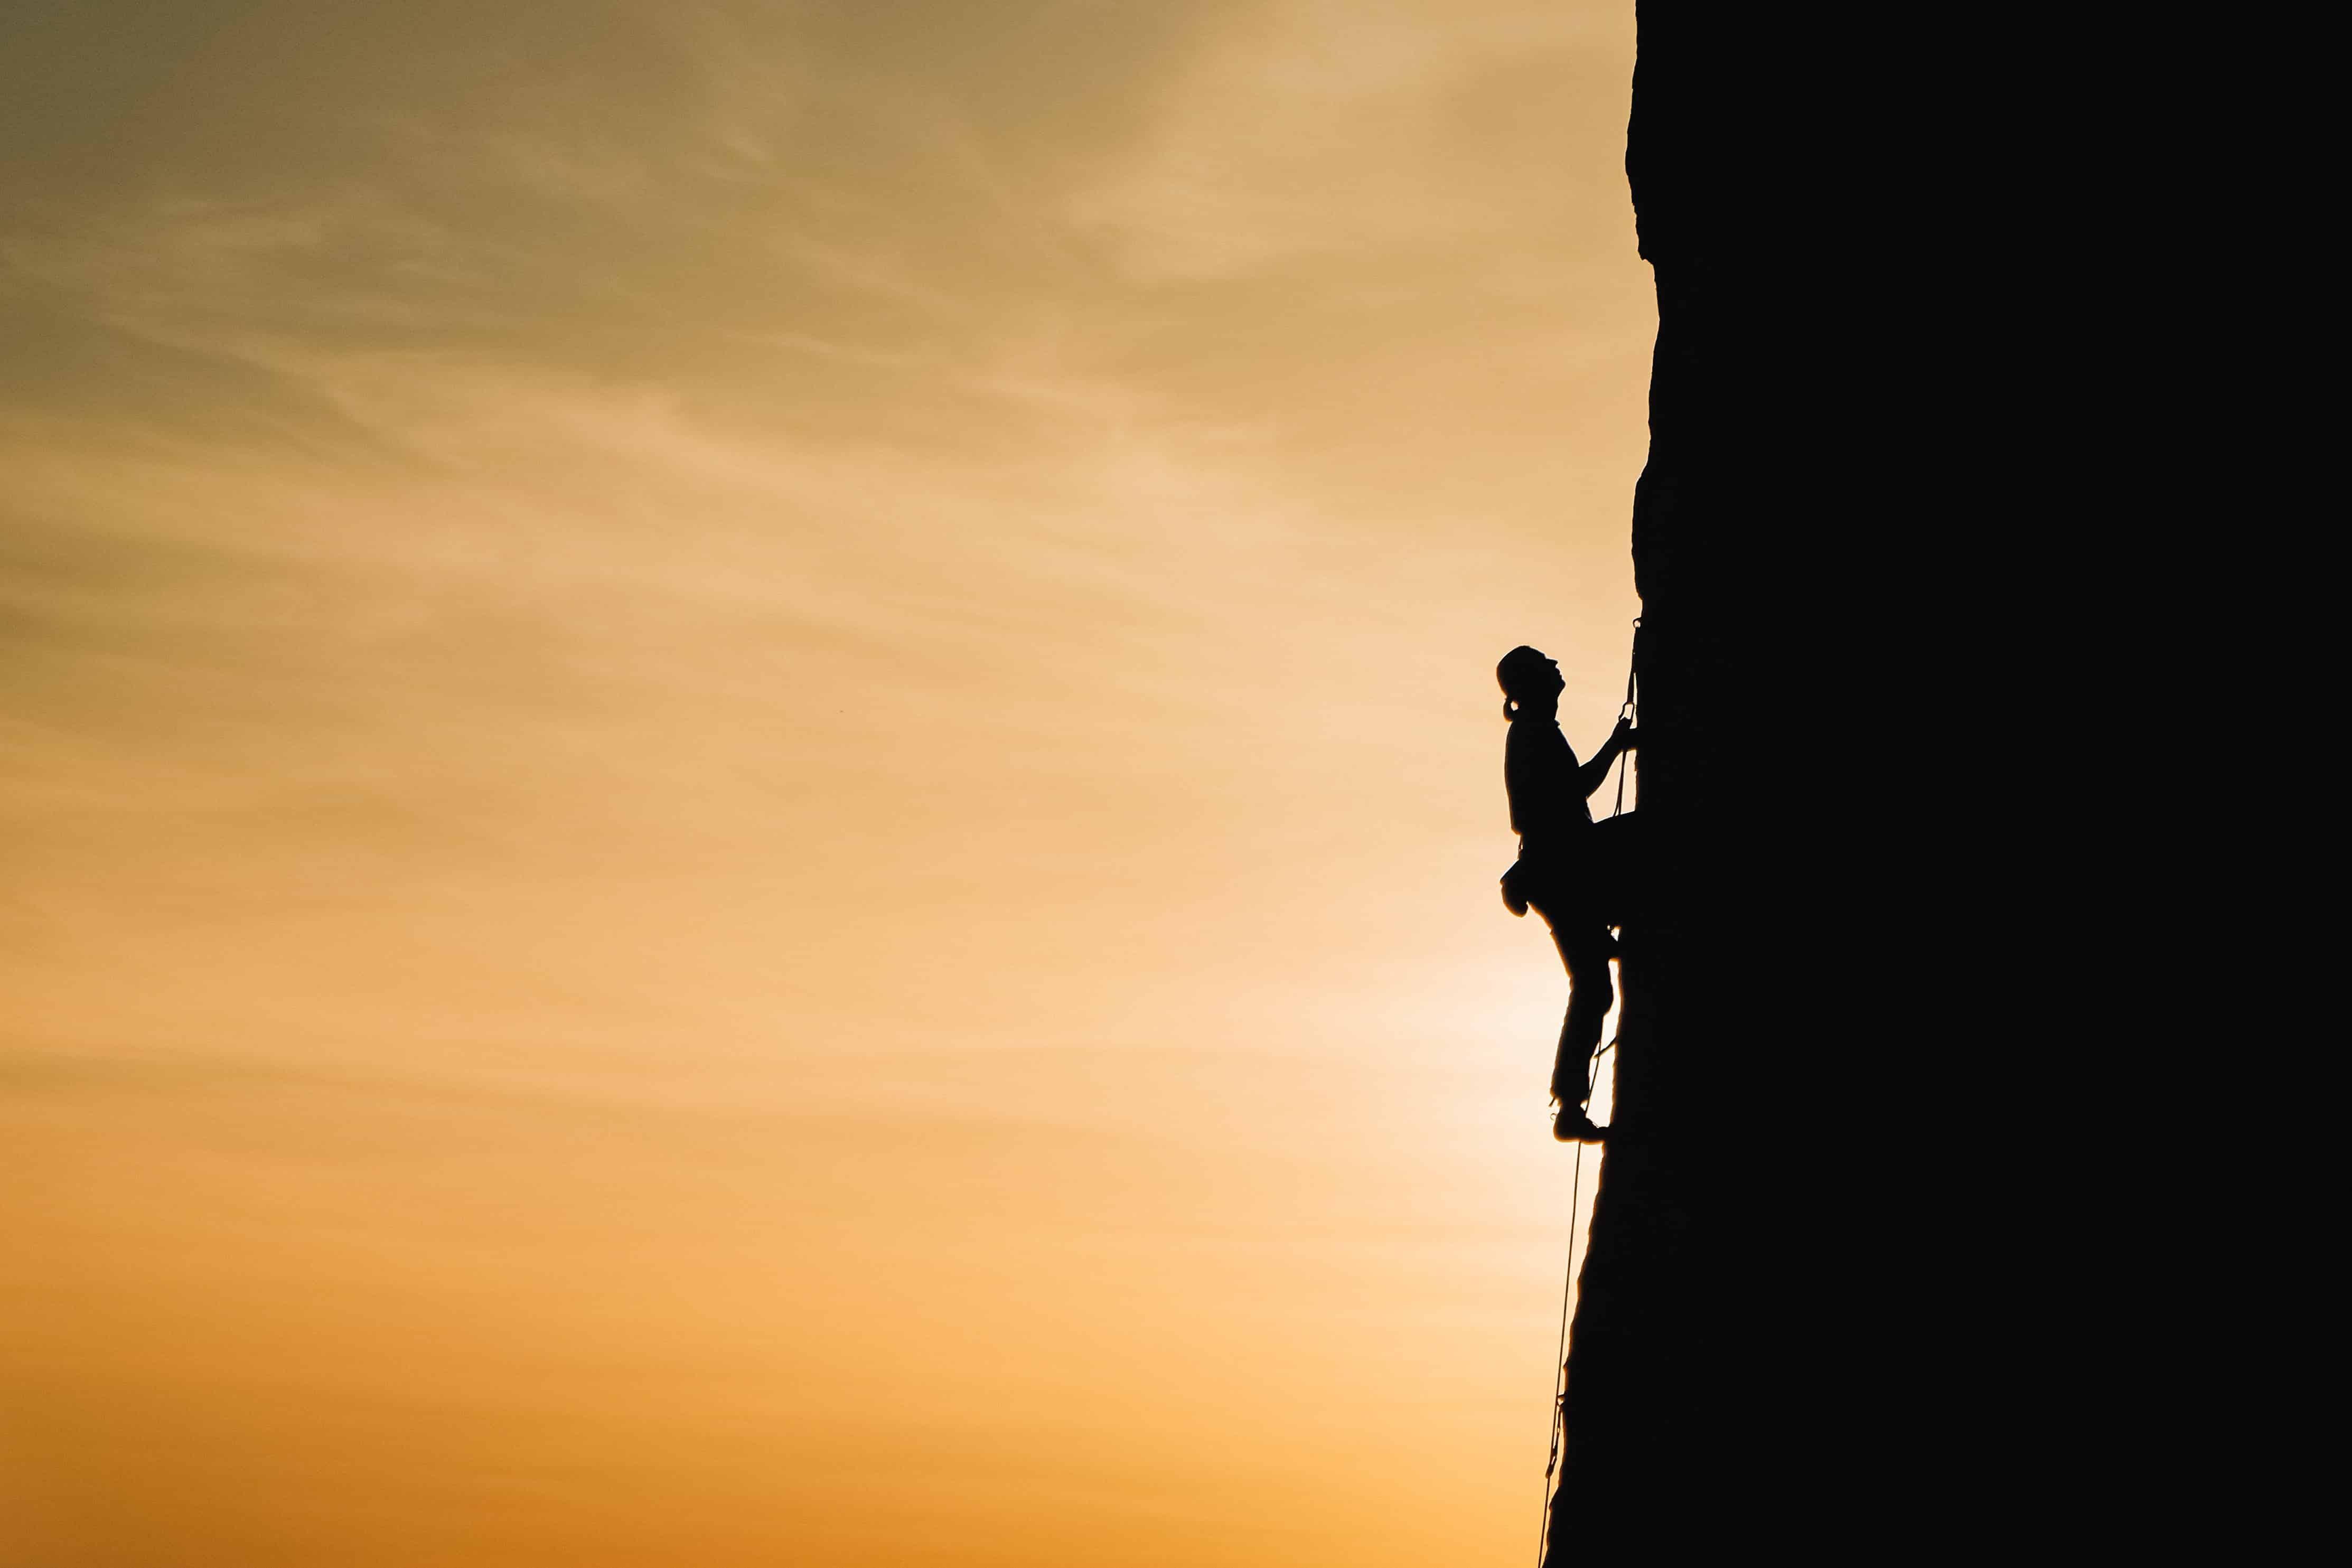 eine Person, die während des Sonnenuntergangs auf einem Felsen klettert